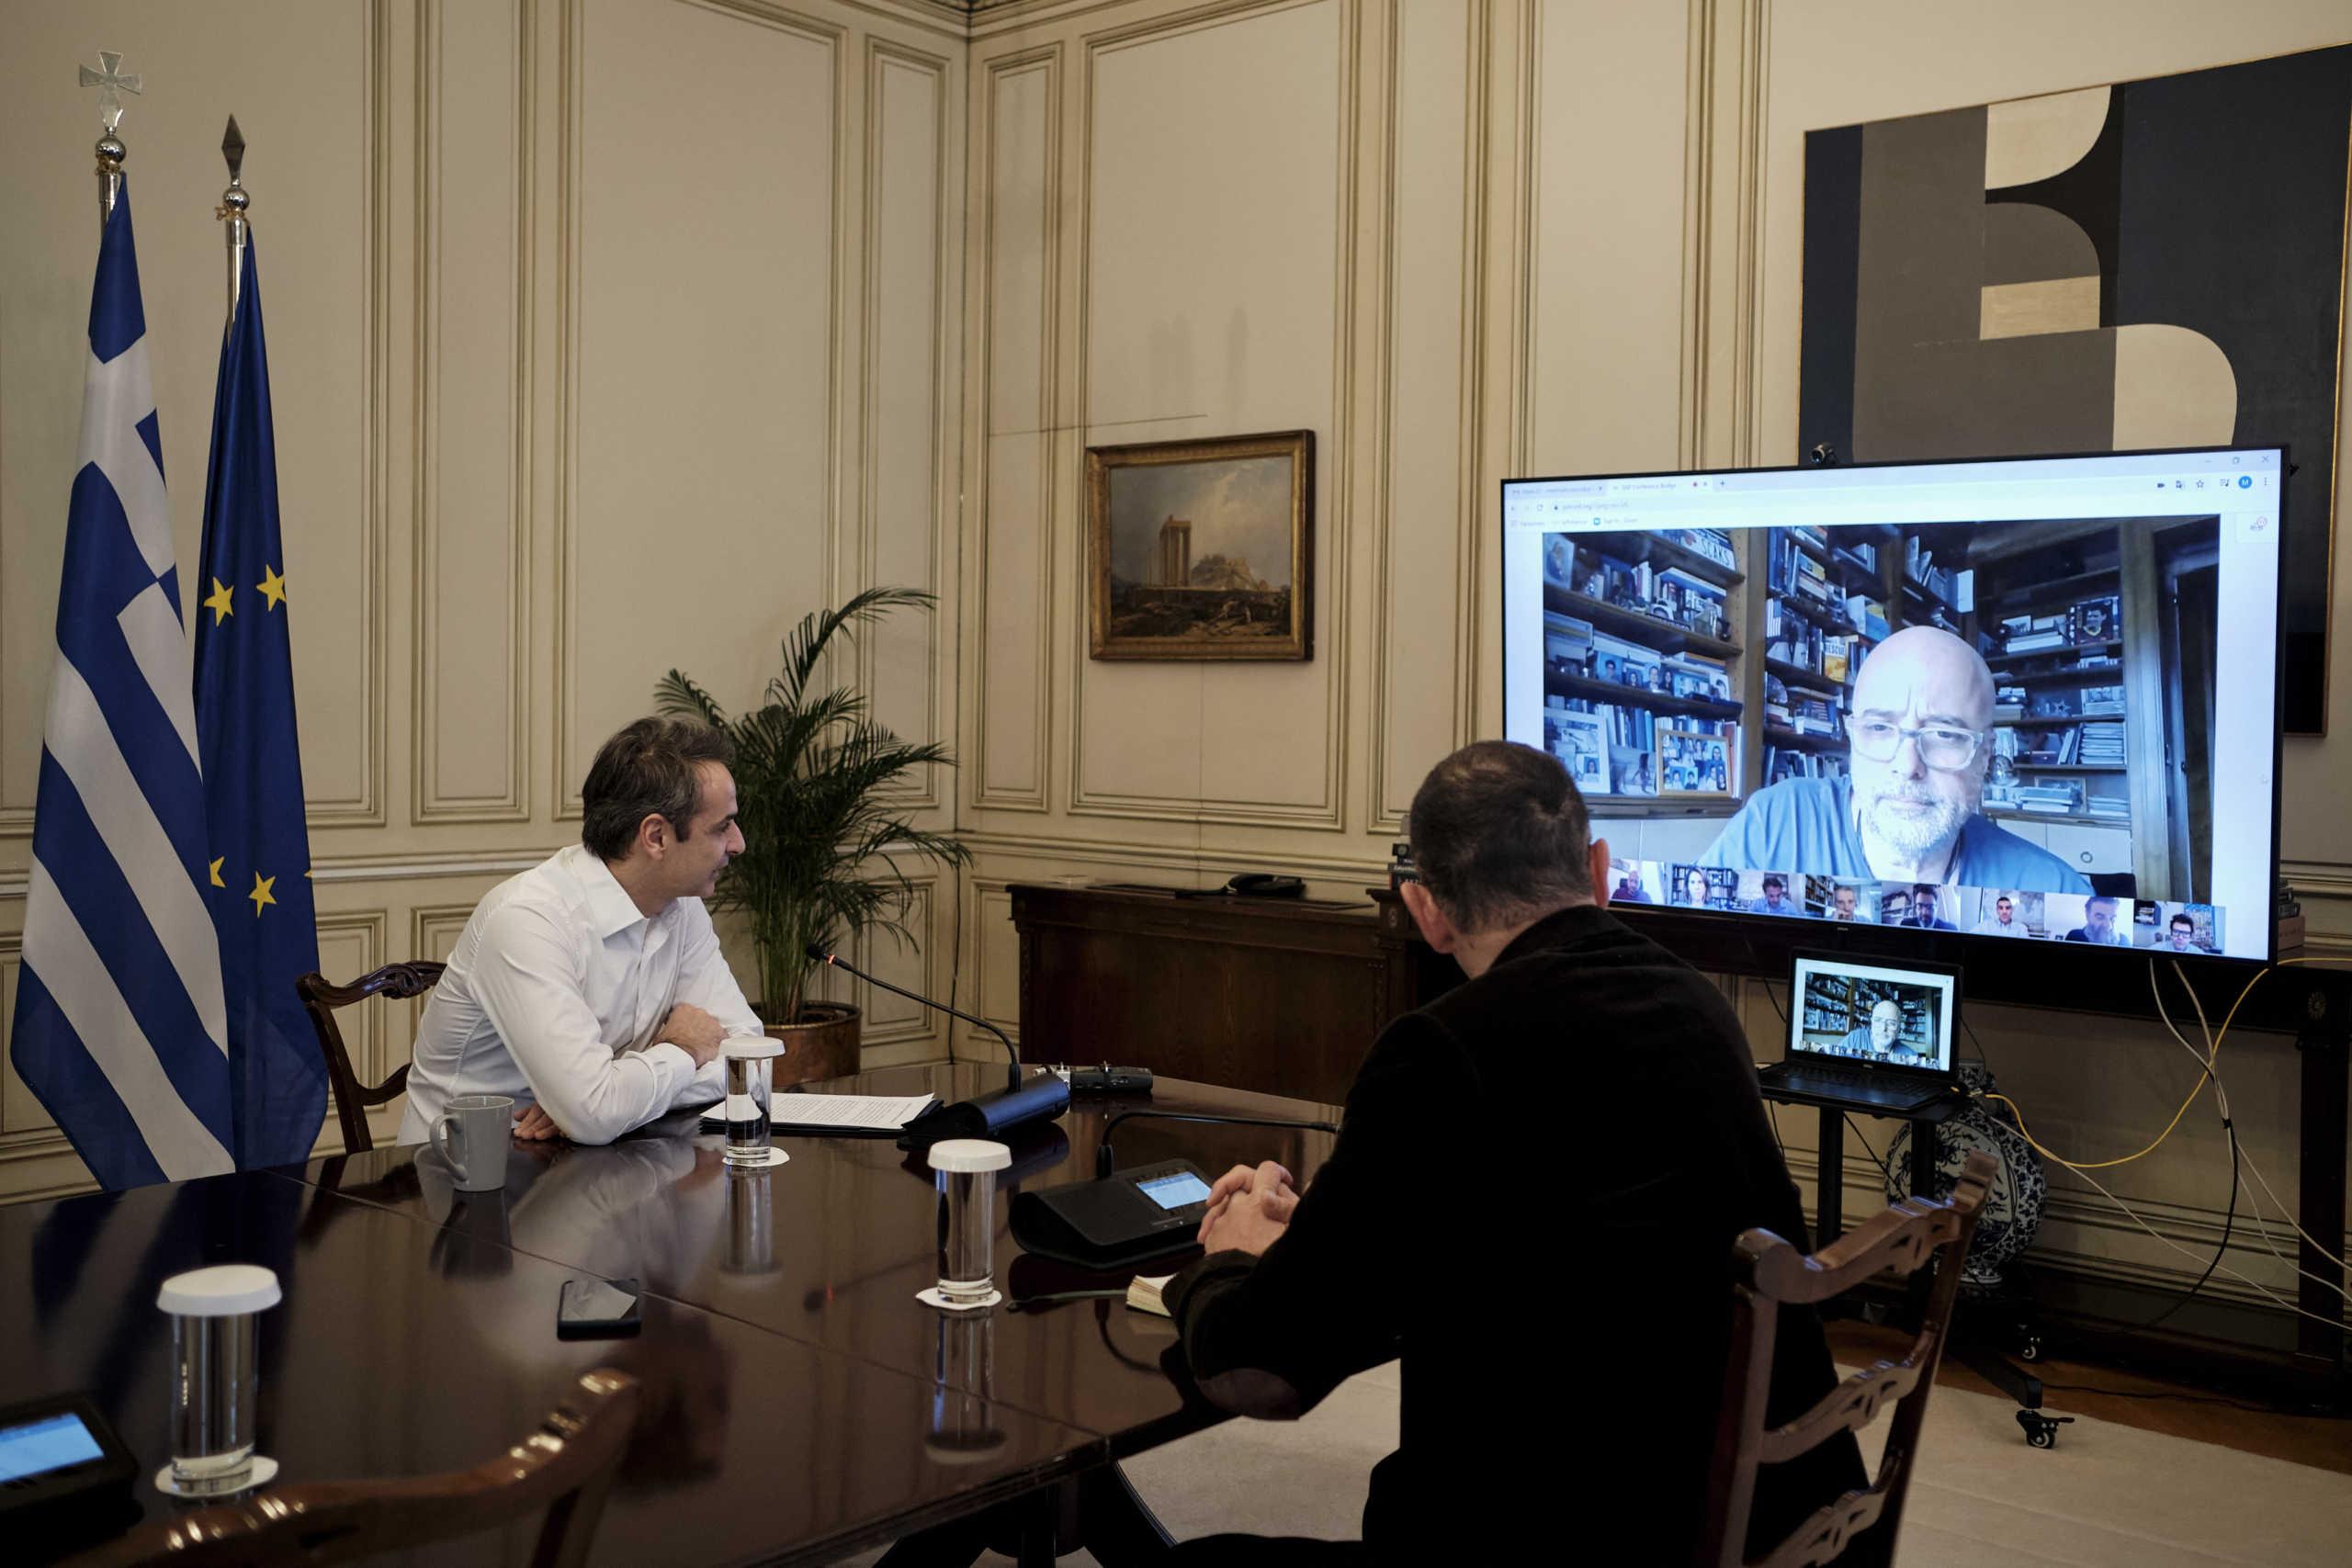 """Κορονοϊός: Τηλεδιάσκεψη Μητσοτάκη με το Ίδρυμα Σταύρος Νιάρχος για τη δωρεά """"μαμούθ"""" – Πώς θα αξιοποιηθεί"""